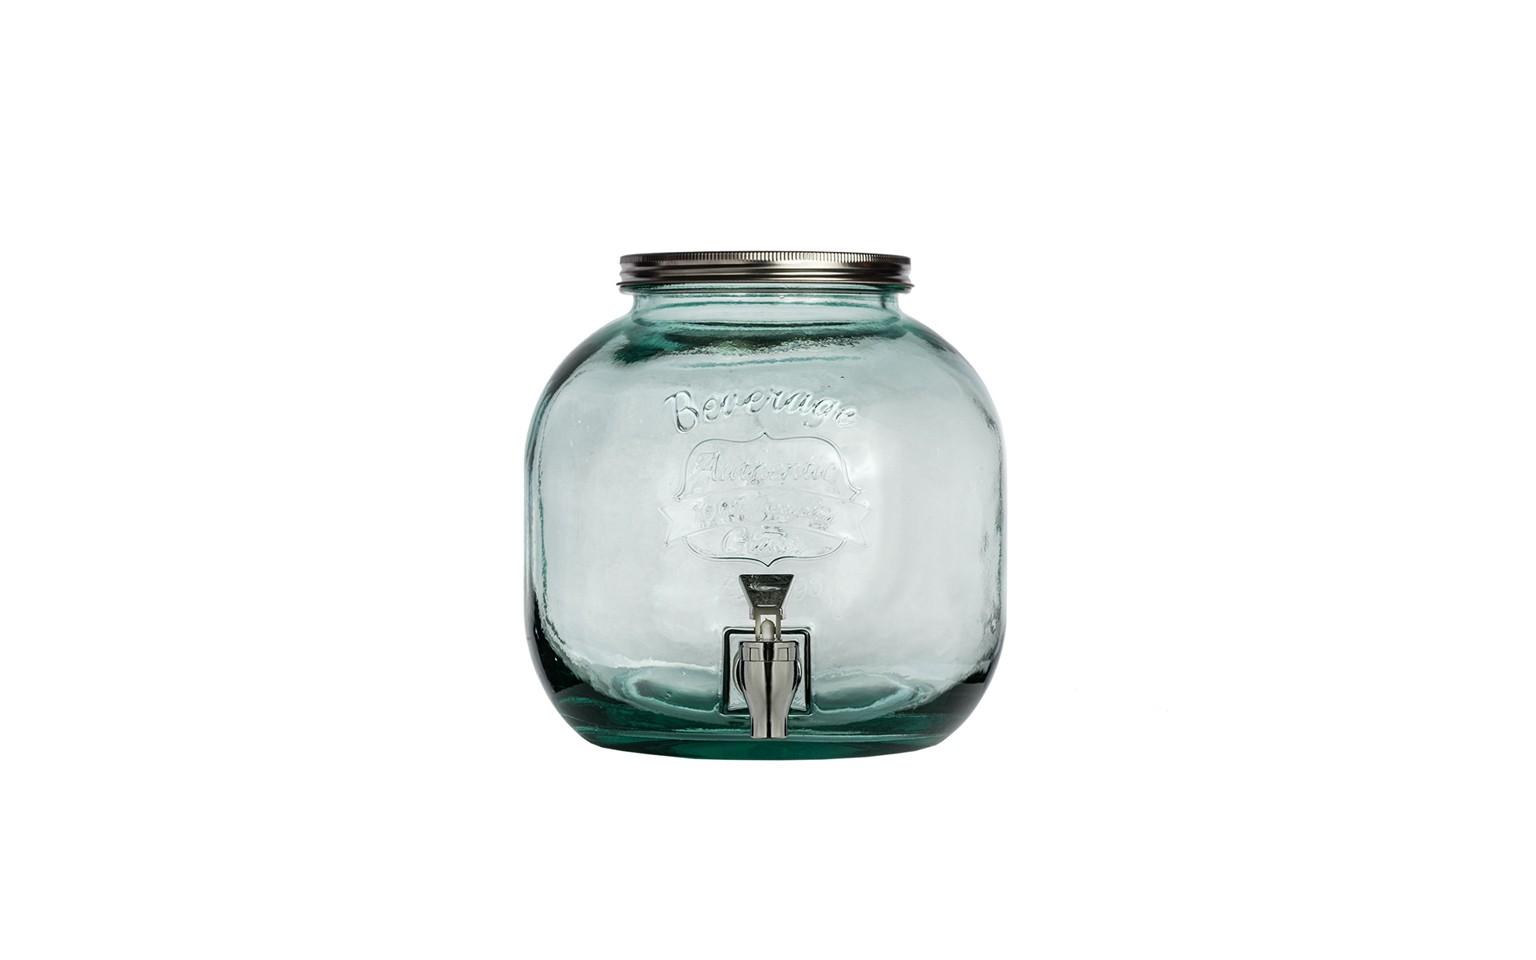 Емкость для лимонадаЕмкости для хранения<br>San Miguel (Испания) – это мощнейшая компания, которая занимается производством очень качественной и оригинальной продукции из переработанного стекла. Vidrios San Miguel известный бренд во всем мире. В наши дни, Vidrios San Miguel имеет более чем 25 000 торговых точек. Vidrios San Miguel занимается производством стеклянных изделий: посуда, бутылки, вазы, сувениры, украшения и многое другое.<br><br>Material: Стекло<br>Height см: 24<br>Diameter см: 23